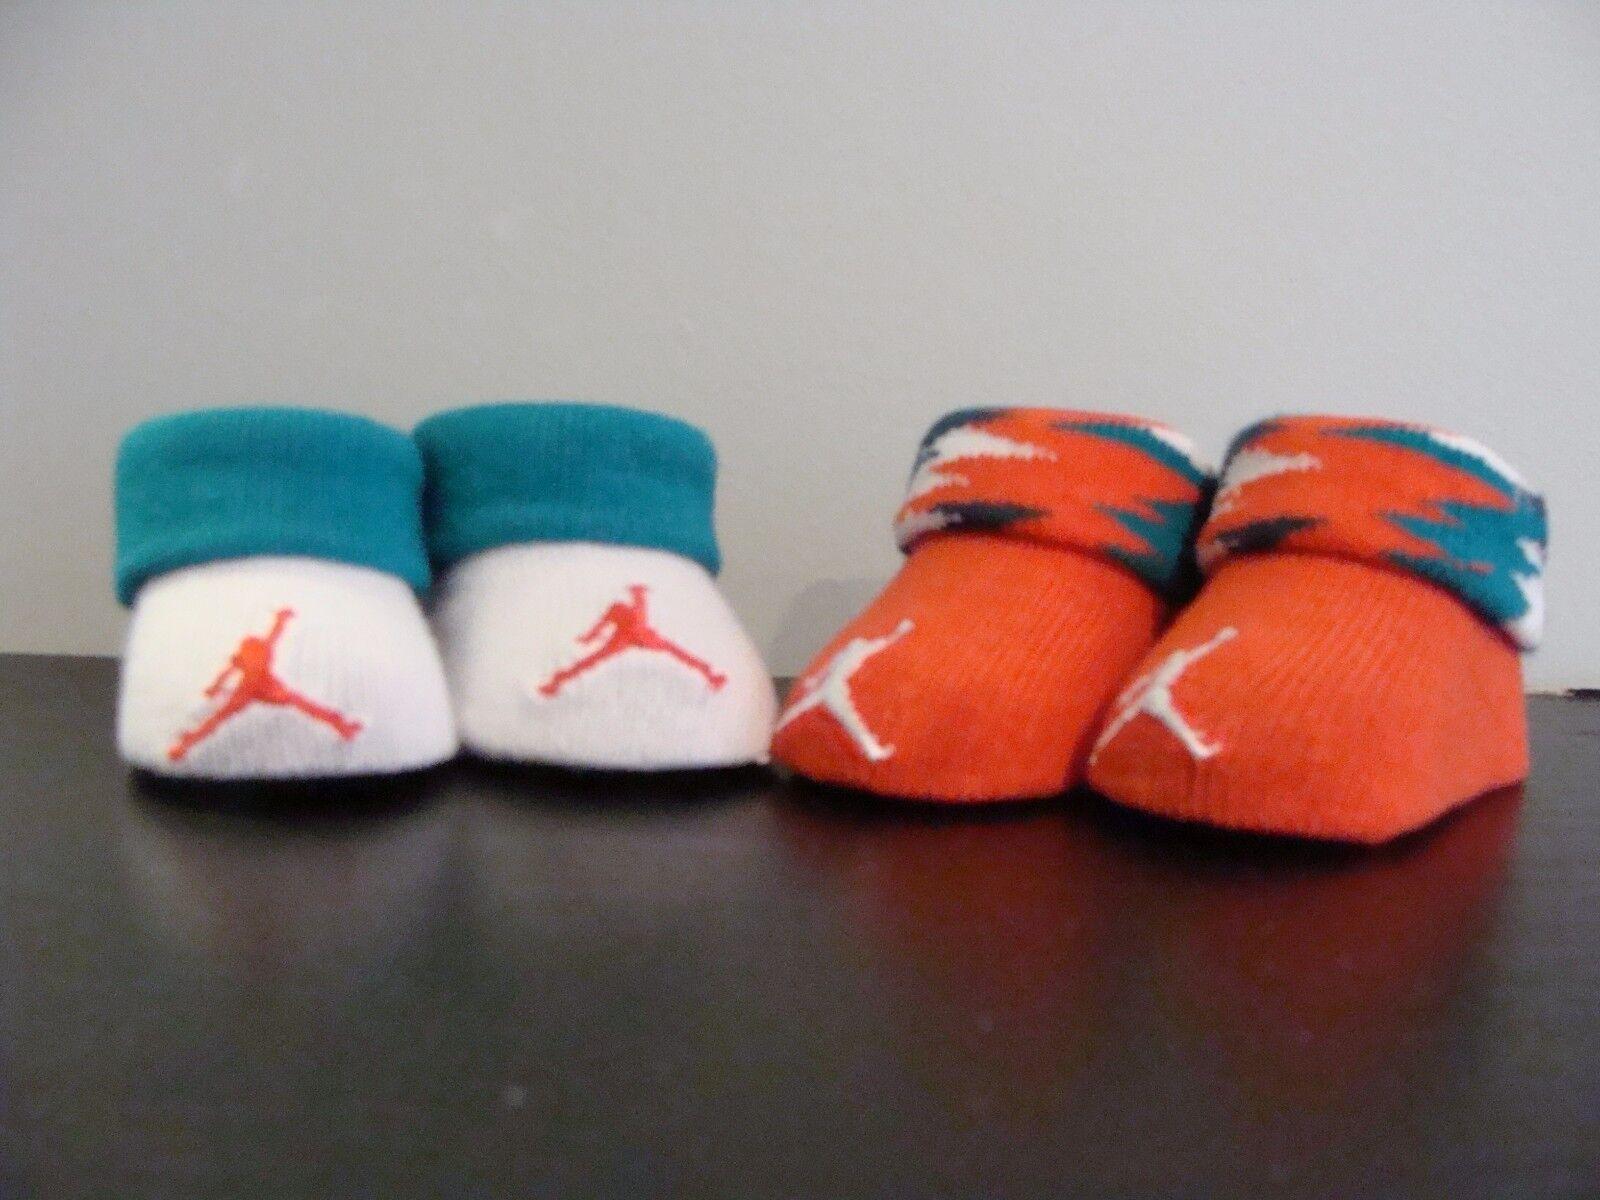 Nike Air Jordan Baby Infant Crib Shoes Booties Socks 0-6M OKC Colorway Westbrook